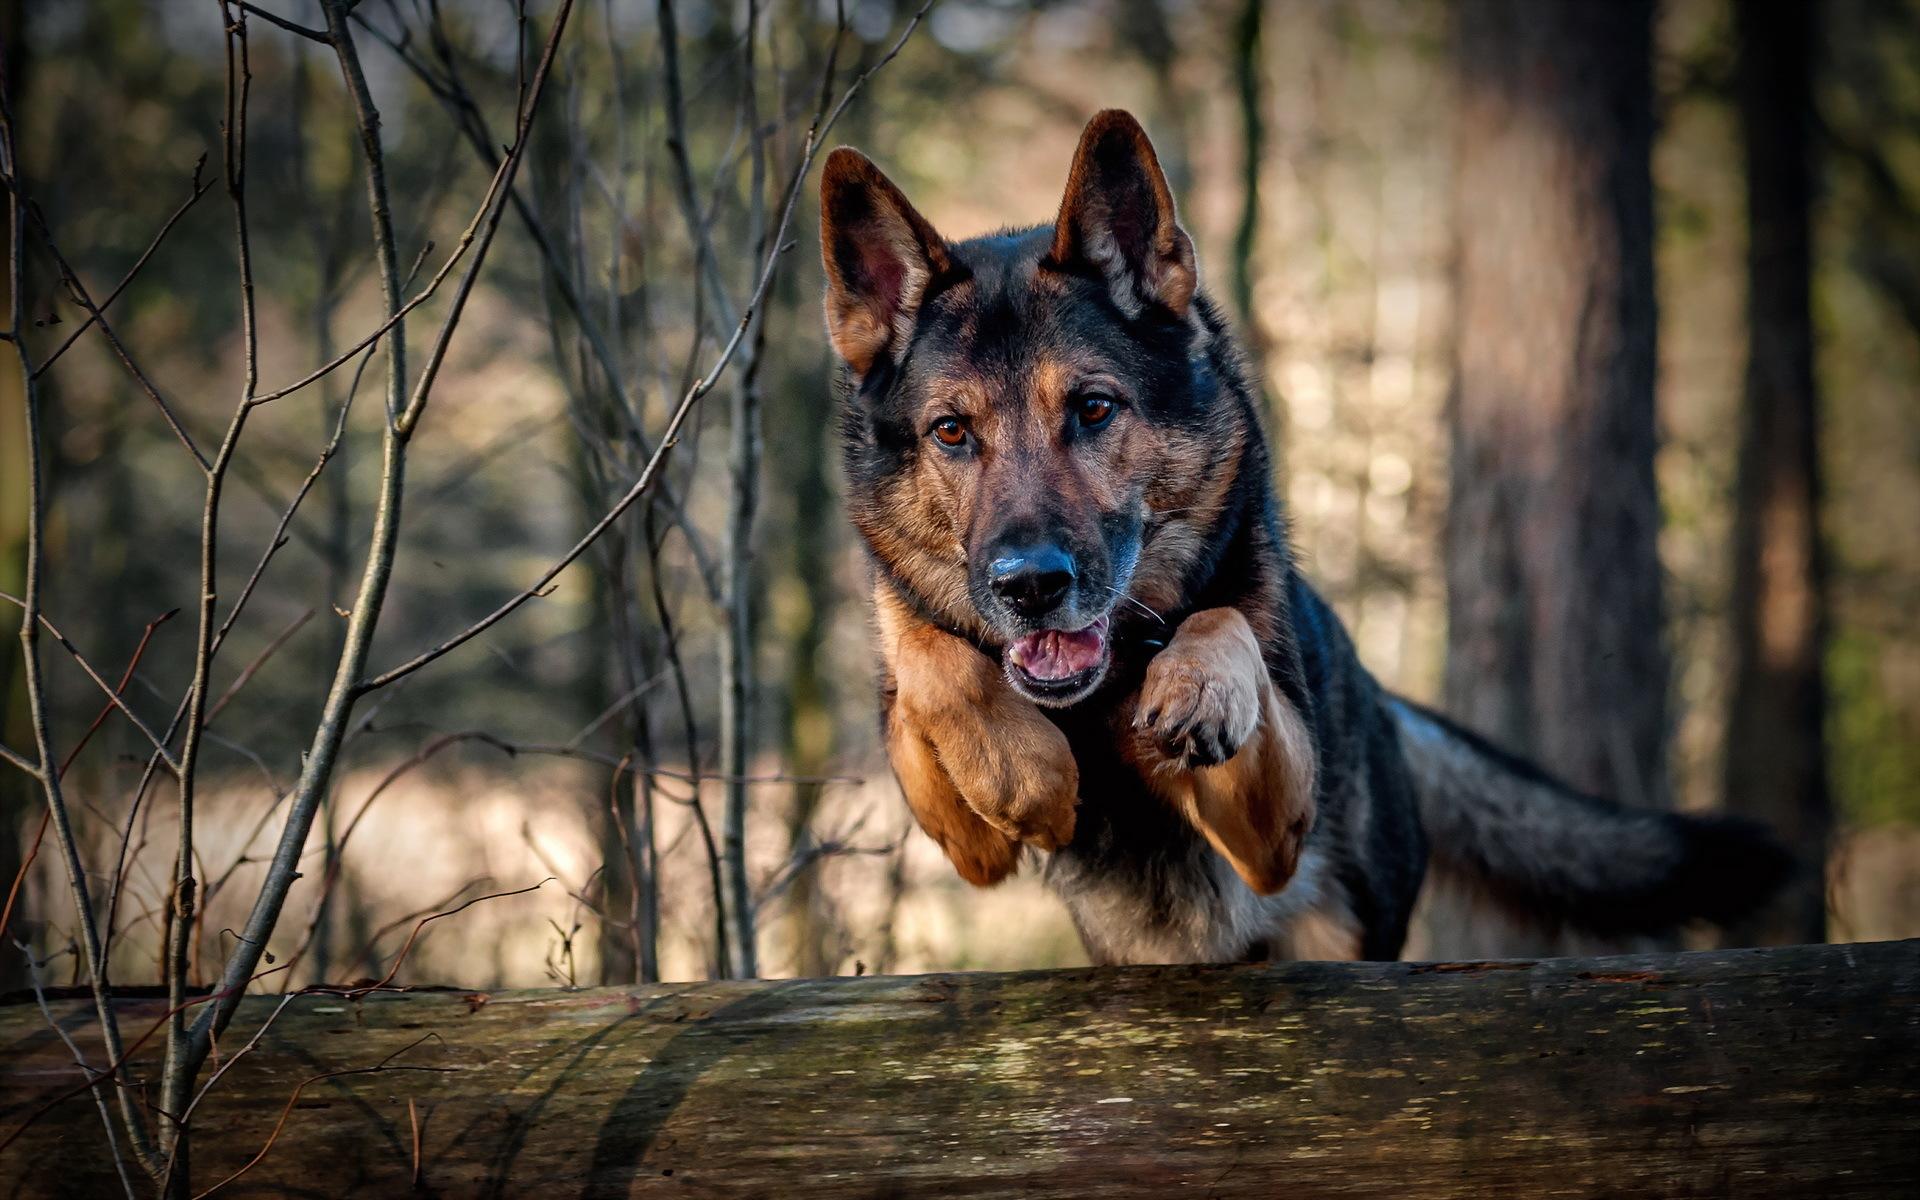 природа животные собака немецка овчарка nature animals dog the German shepherd  № 1004392 бесплатно